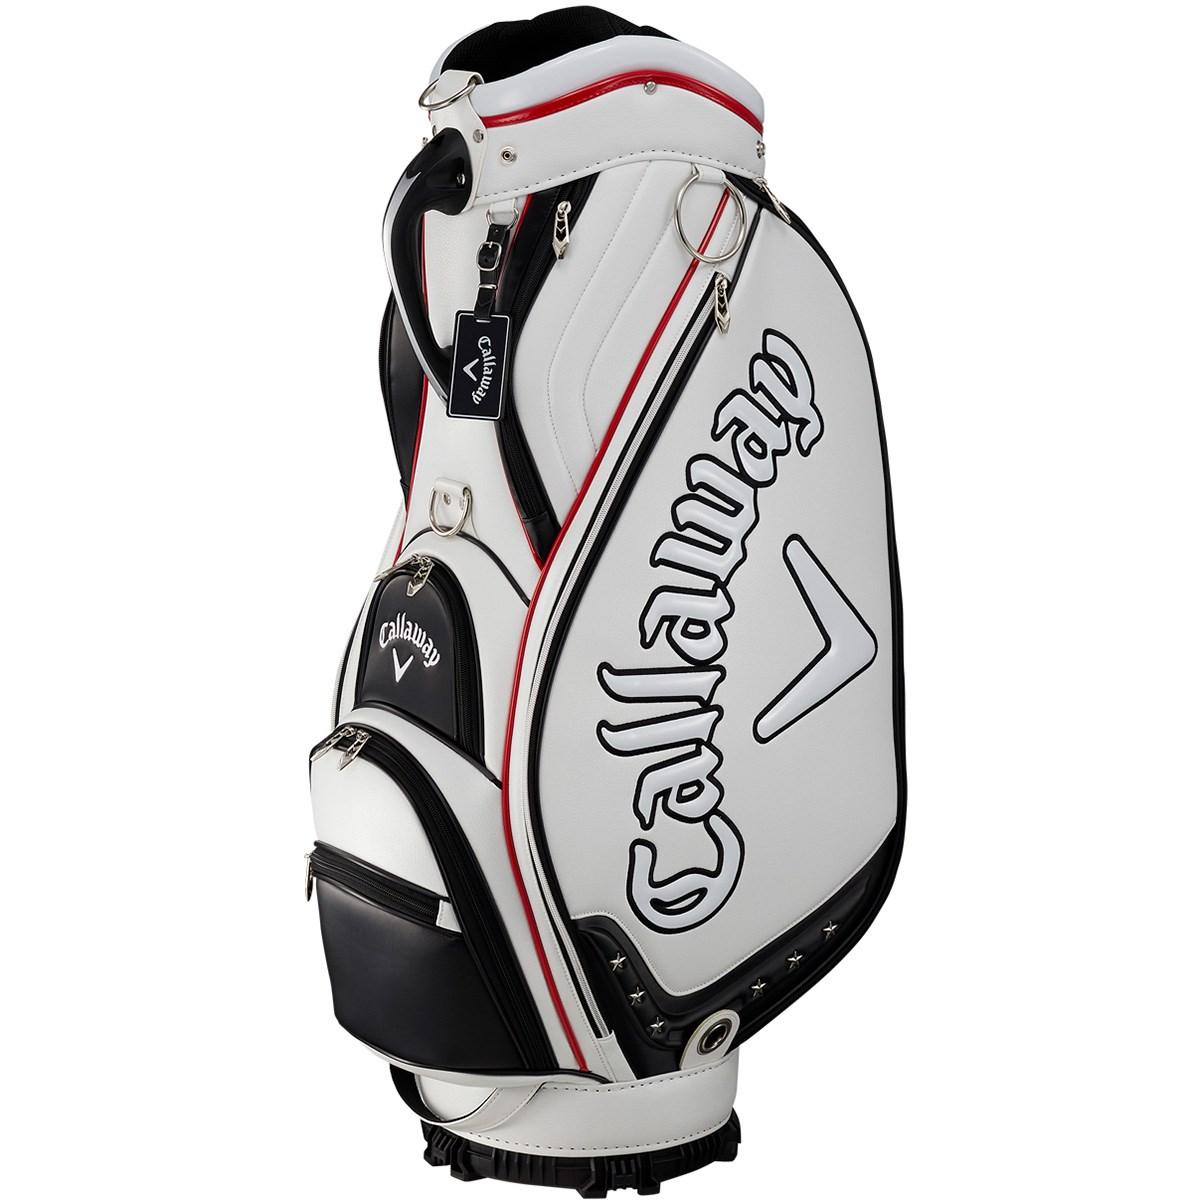 キャロウェイゴルフ(Callaway Golf) BG CT EXIA JM キャディバッグ